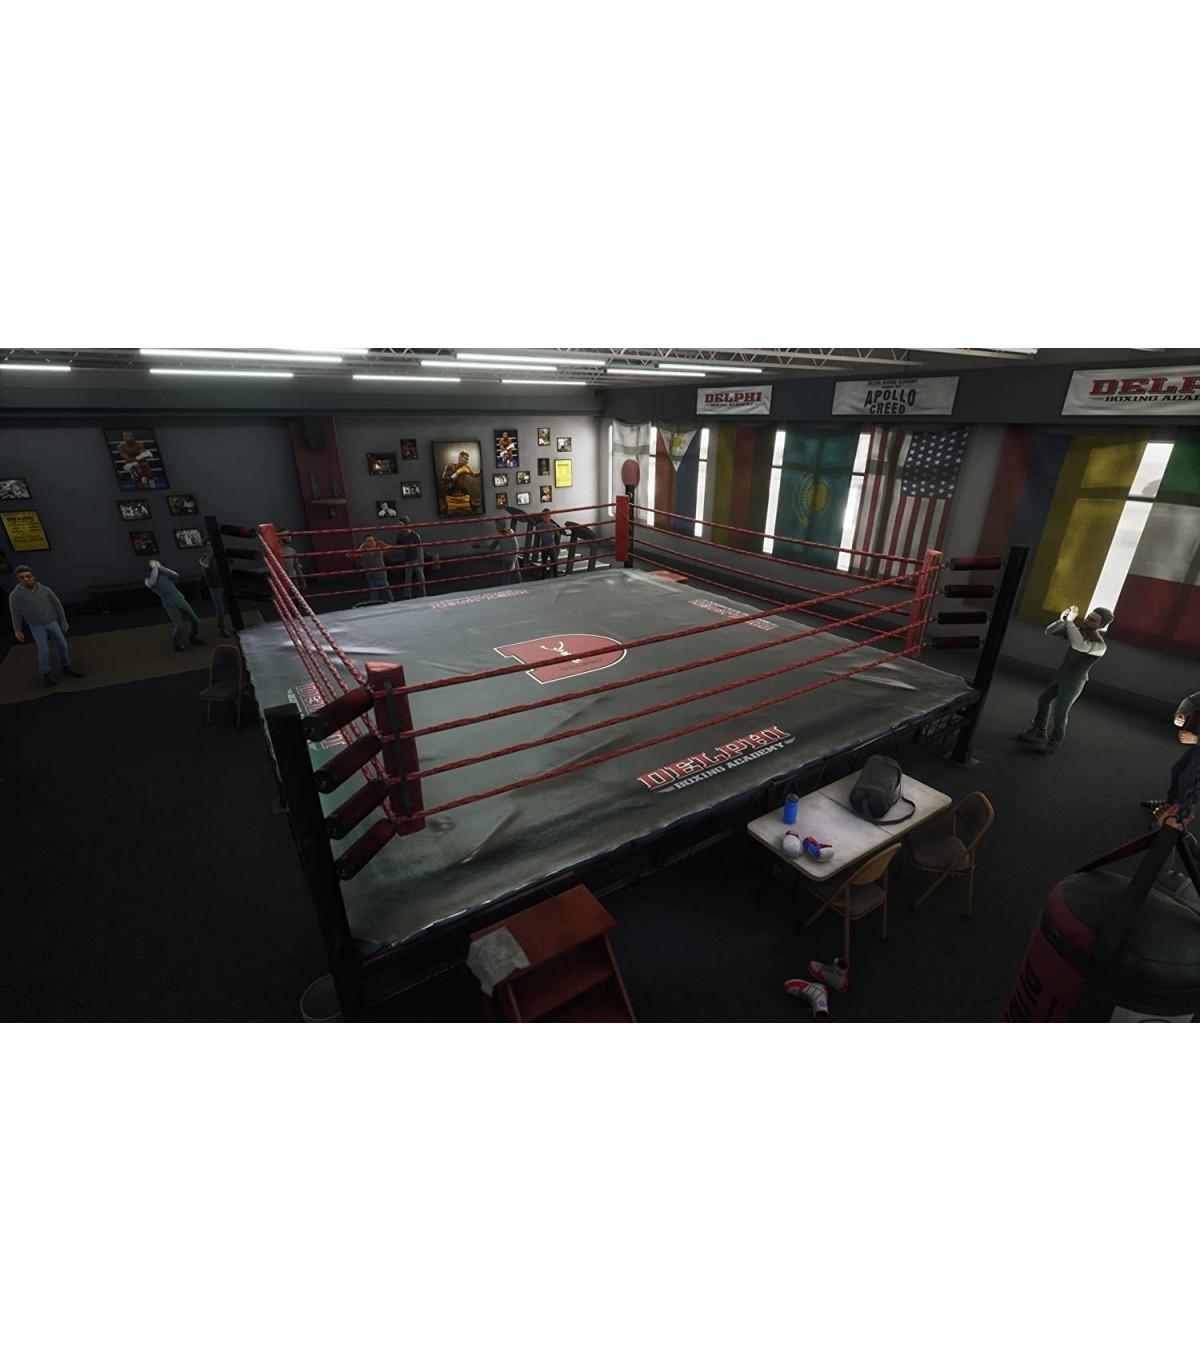 بازی Big Rumble Boxing: Creed Champions - پلی استیشن 4